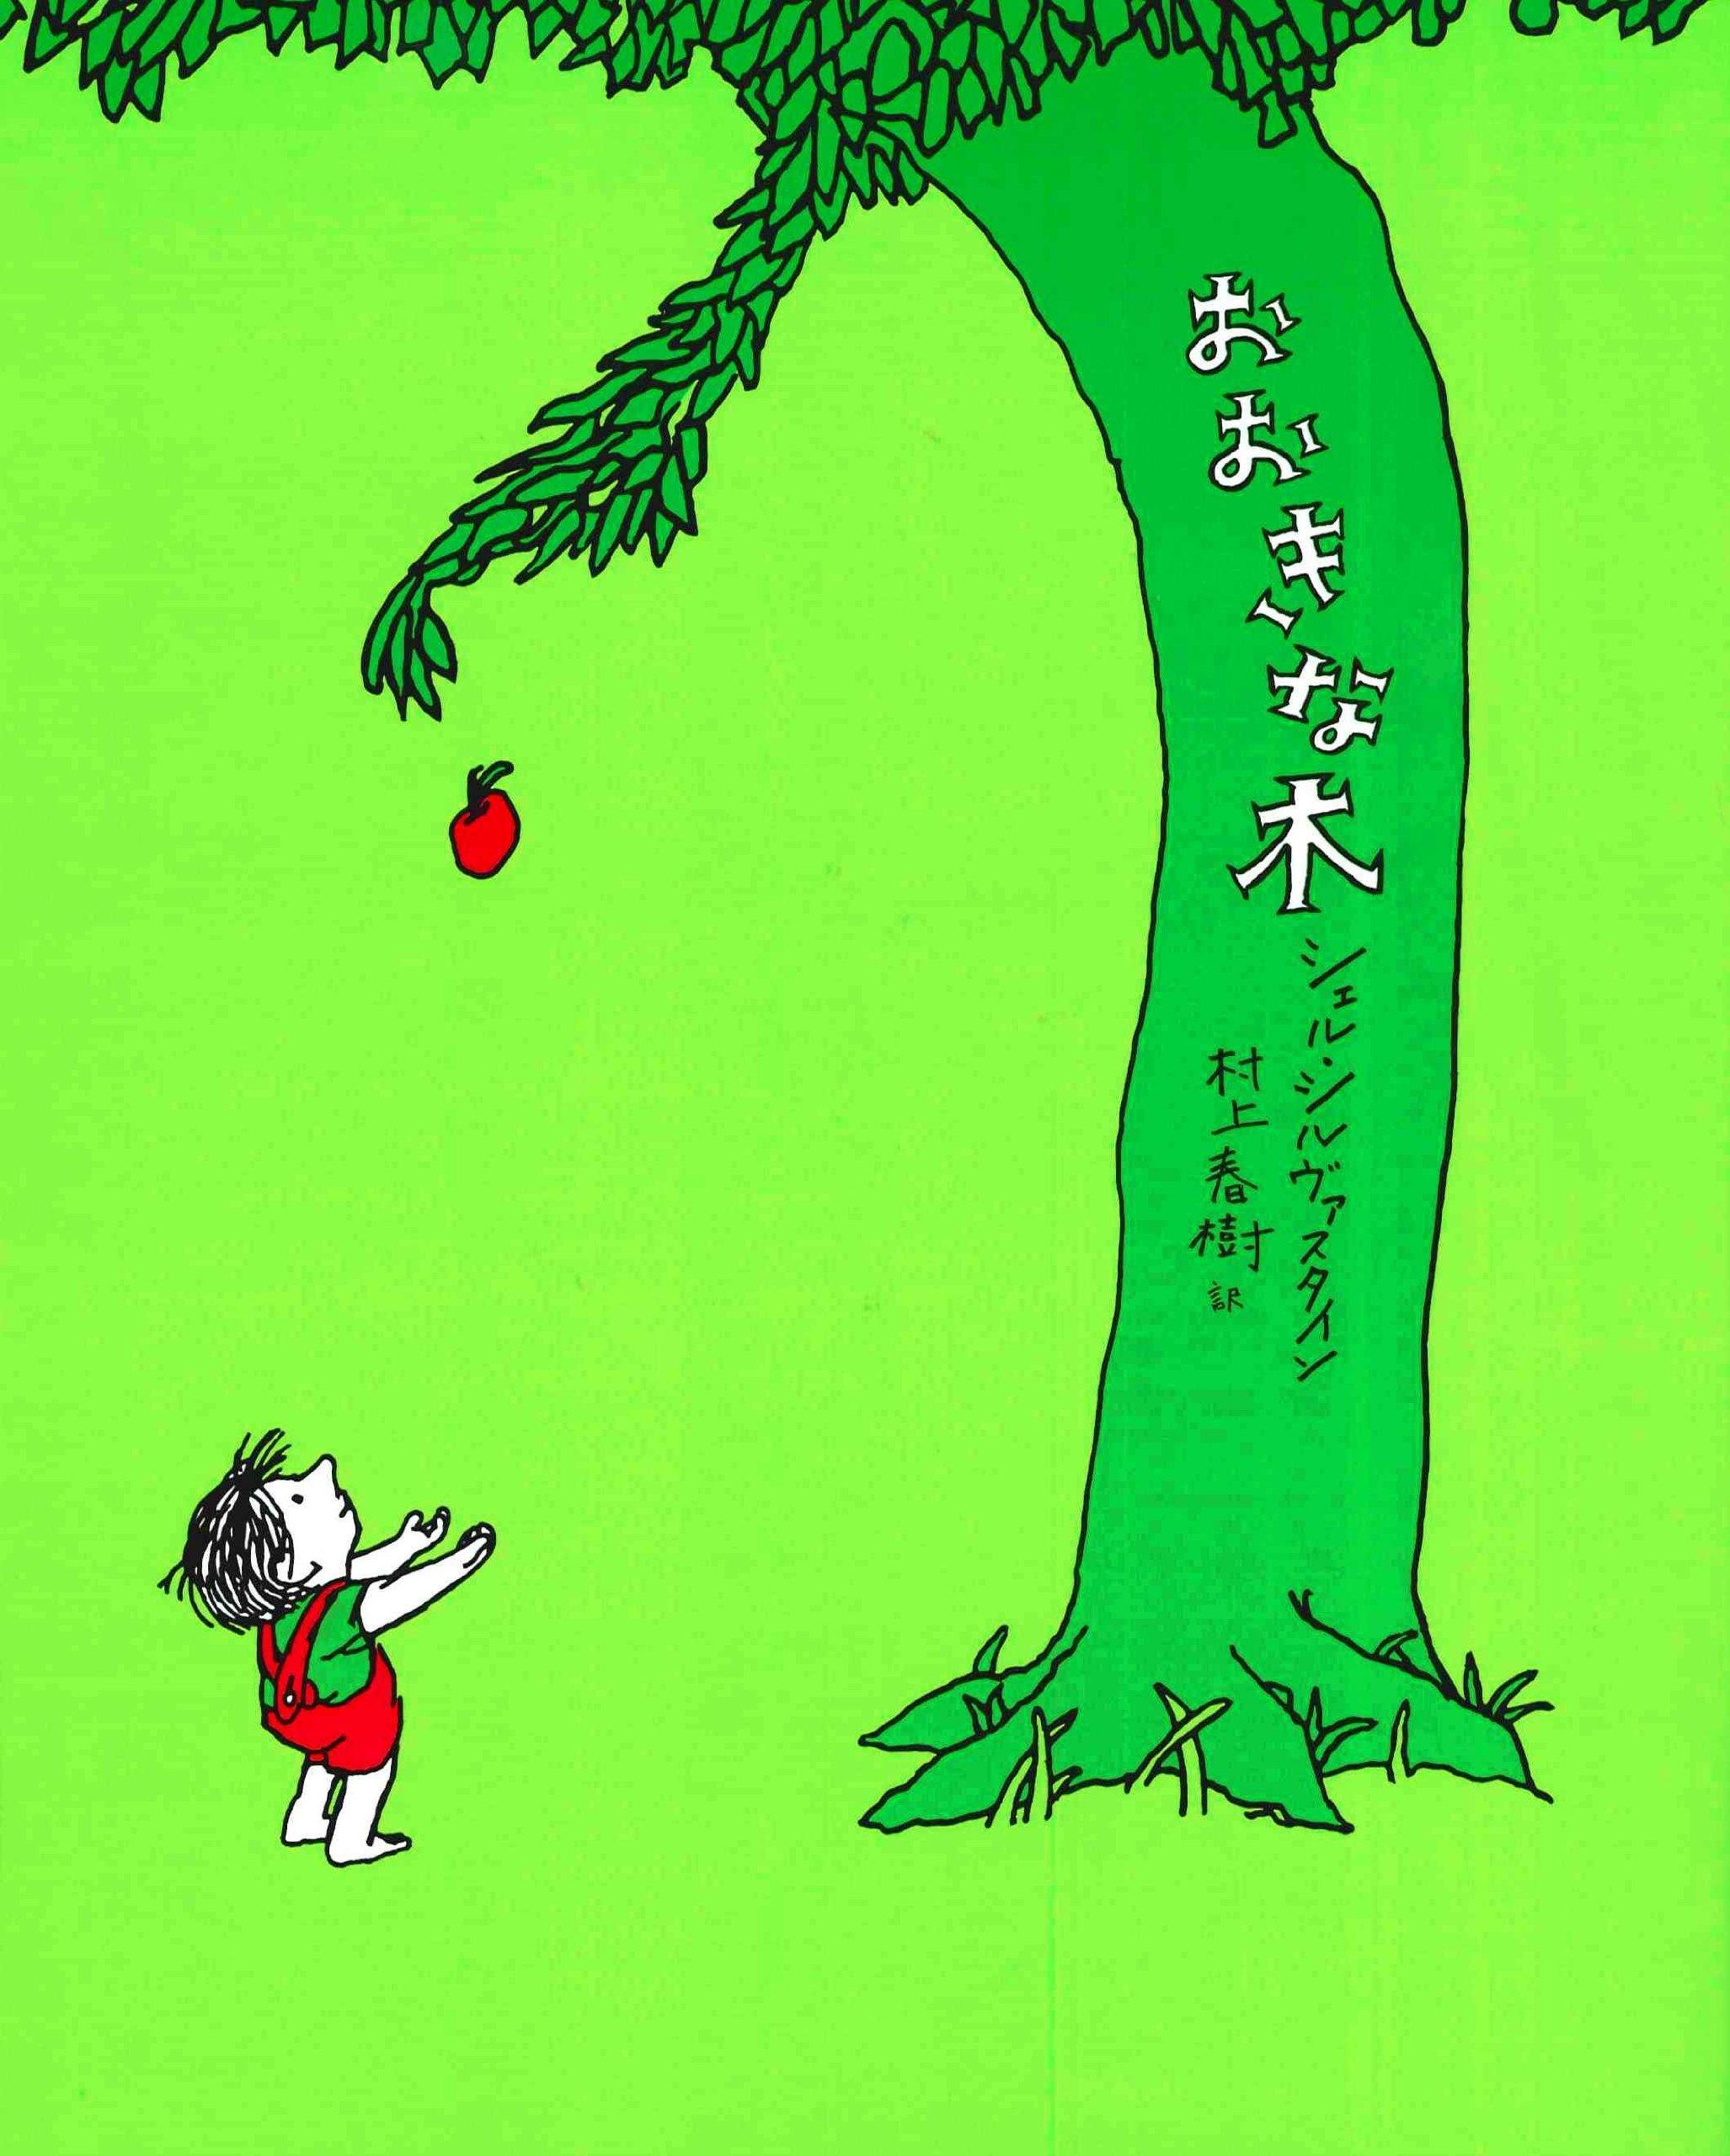 絵本「大きな木」が子供だけじゃなく大人にもオススメな理由!のサムネイル画像